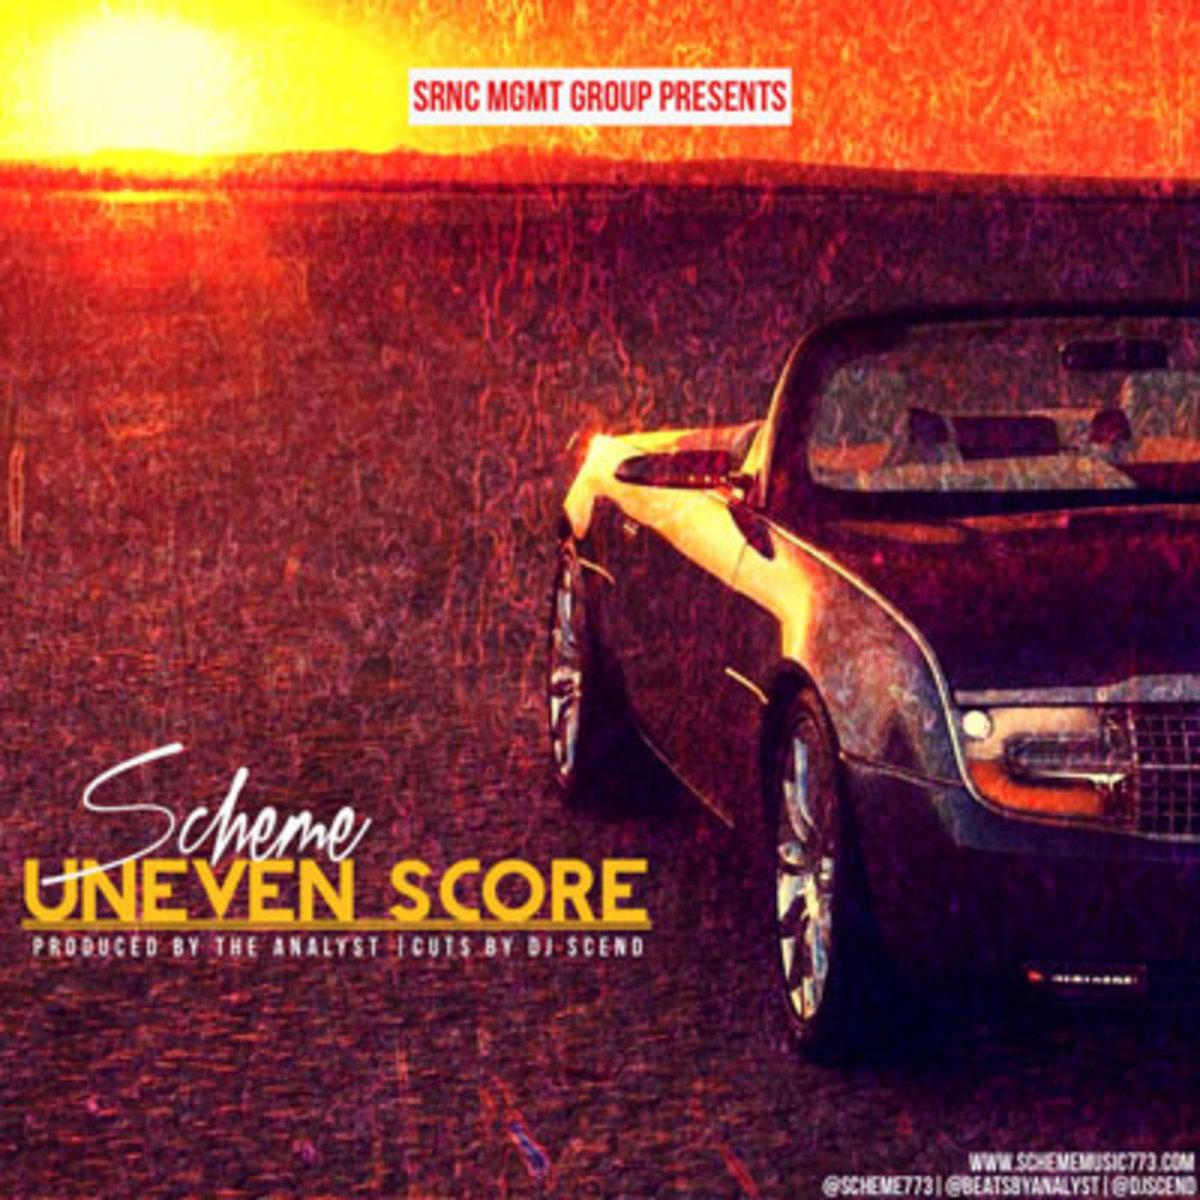 scheme-unevenscore.jpg